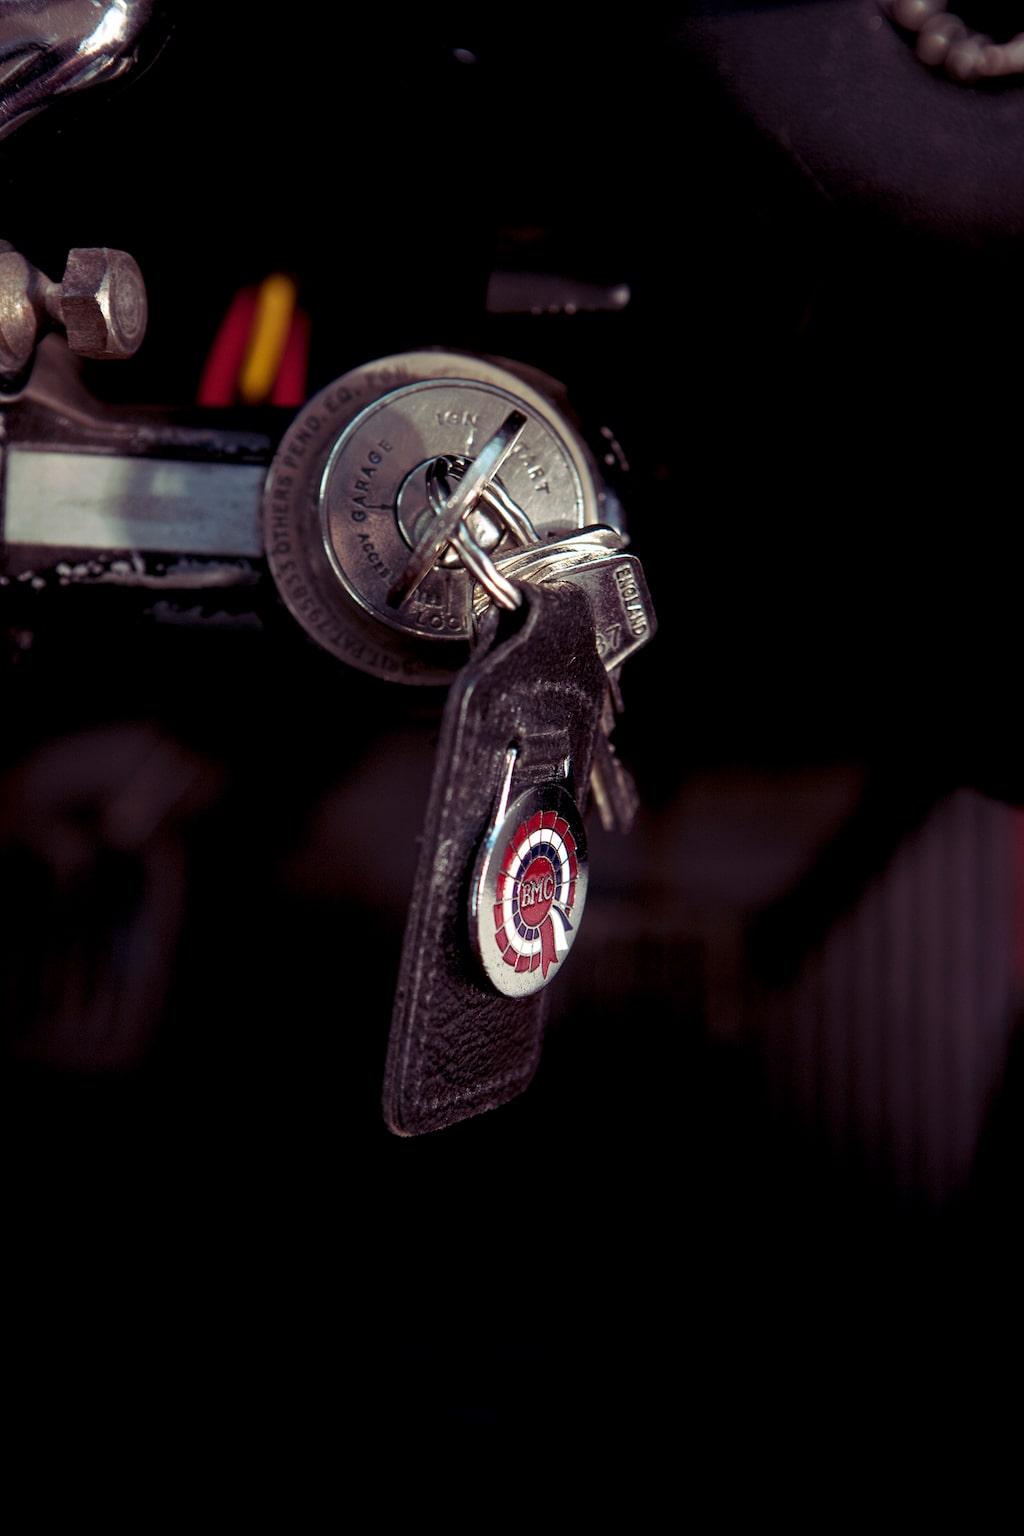 Tändningslåset sitter väldigt obekvämt långt ner. Nyckeln har självklart original läderflärp.